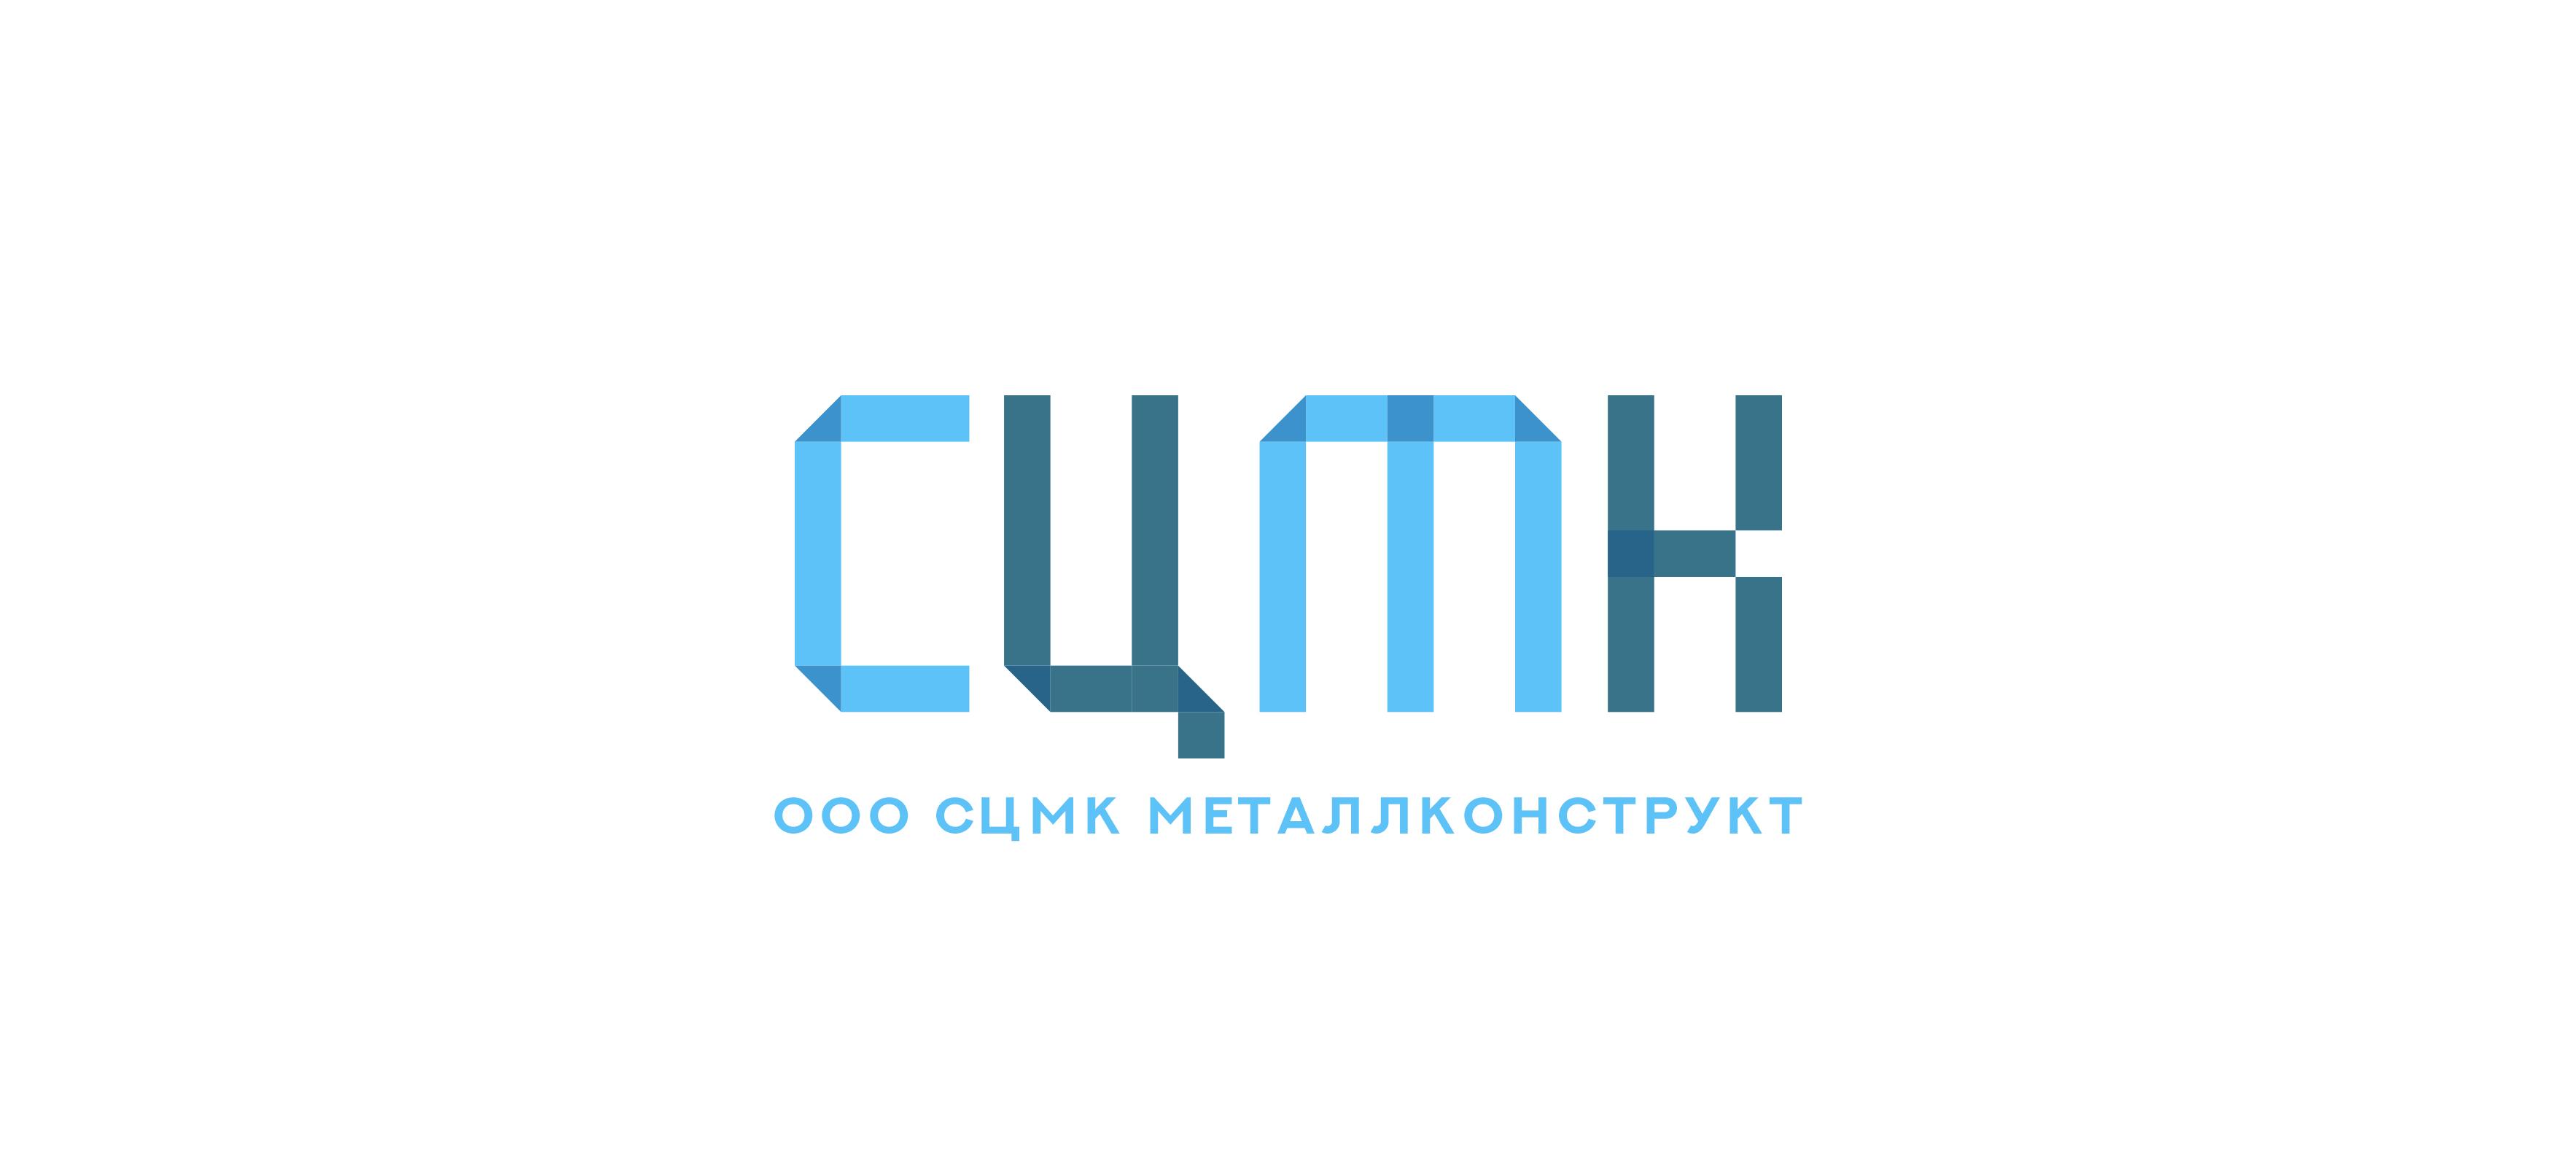 Разработка логотипа и фирменного стиля фото f_6295ad638efa8cc8.jpg